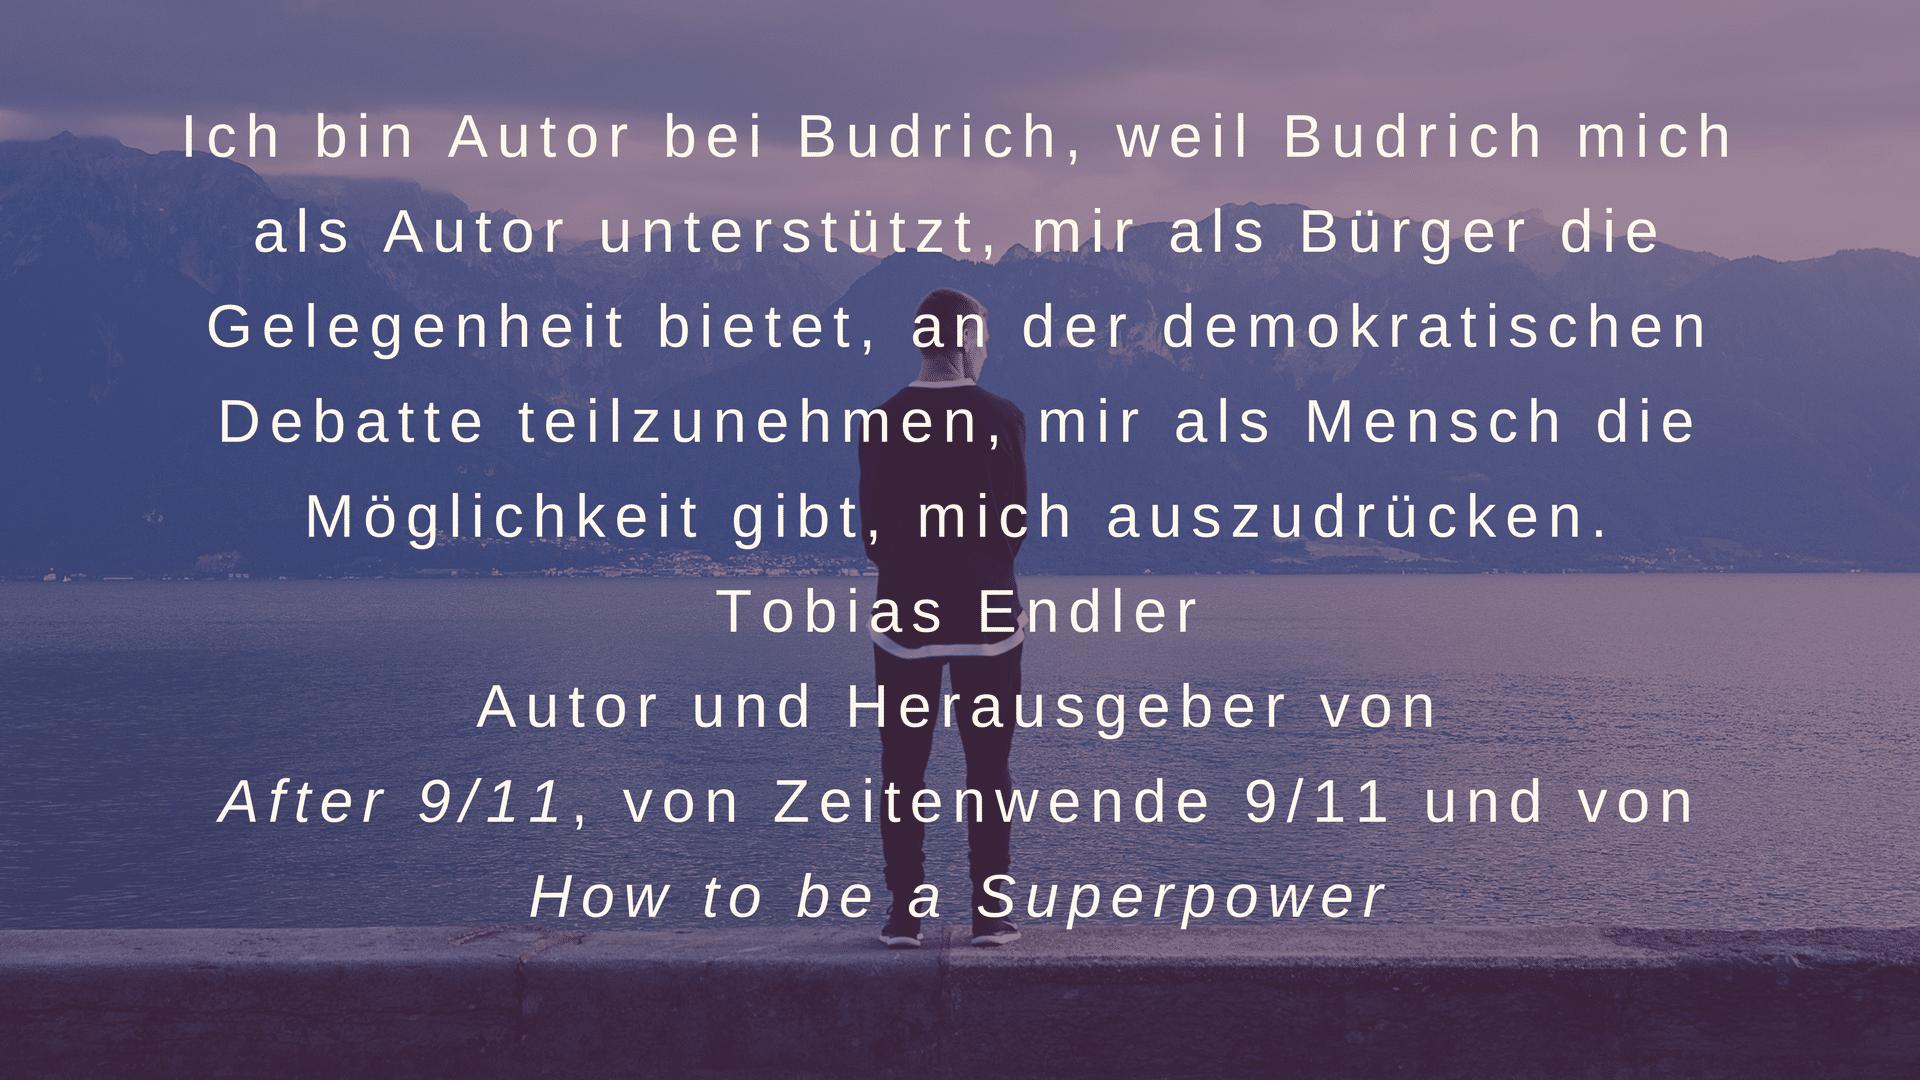 Tobias Endler empfiehlt Budrich